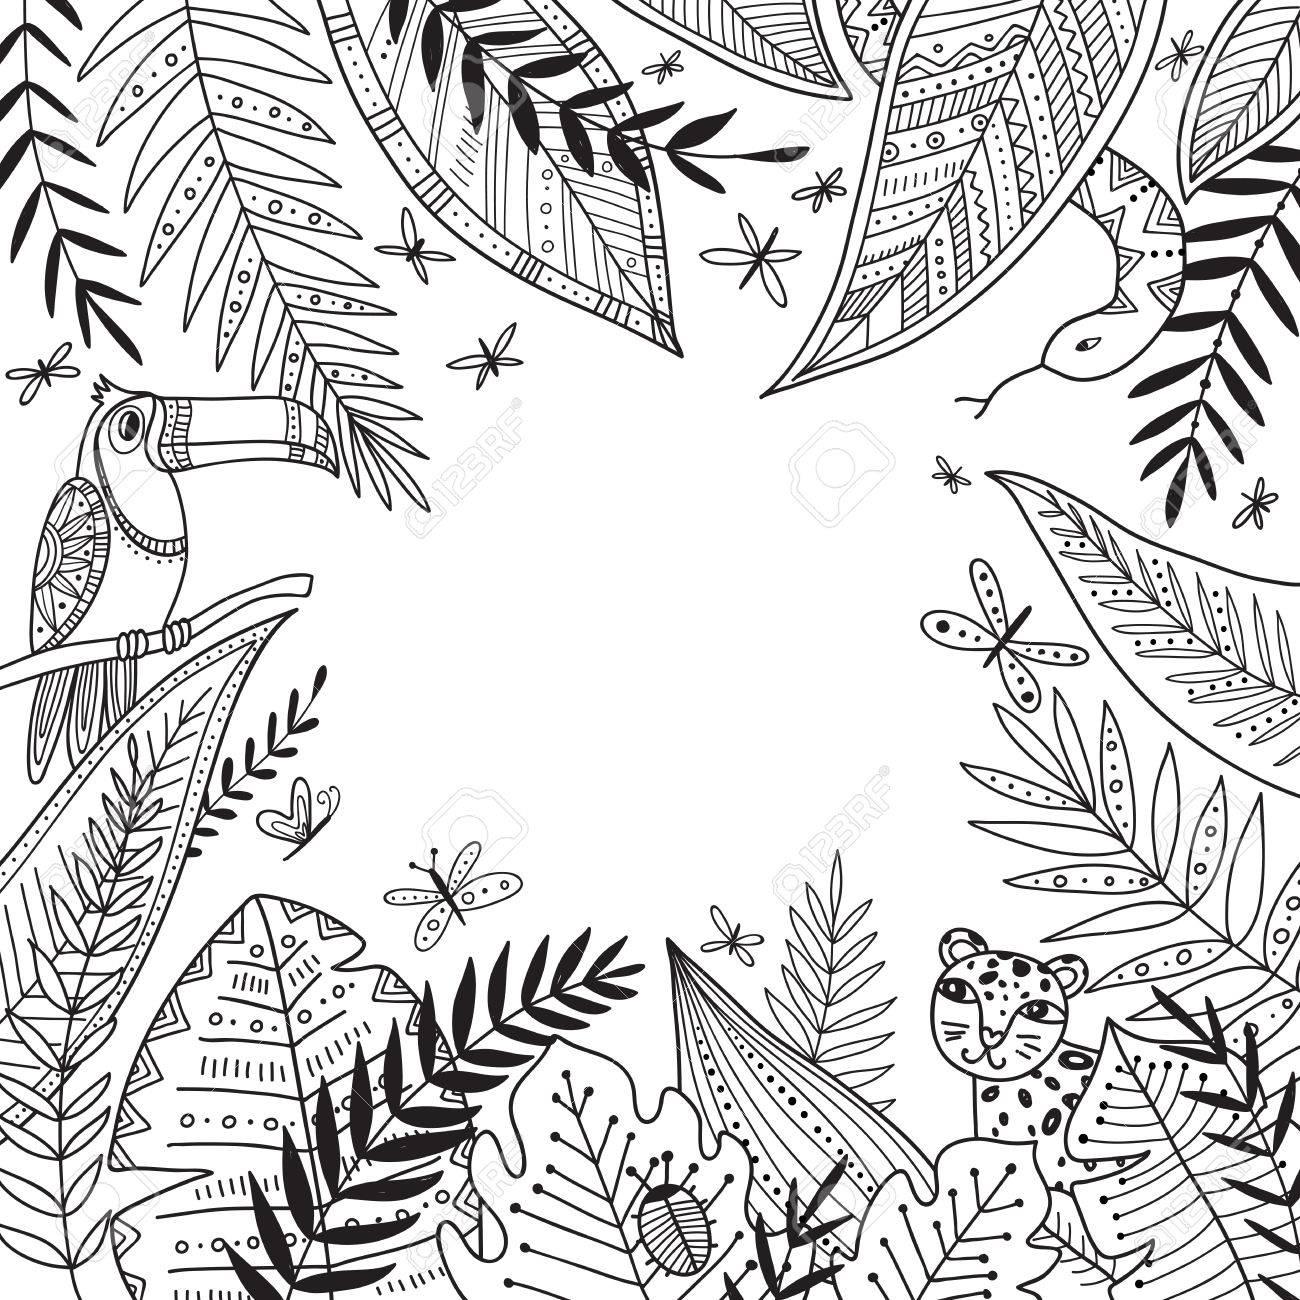 Vector Marco De Selva Tropical Con Lugar Para El Texto Con Plantas Exóticas Palmeras Y Hojas En El Estilo Tribal Boho La Cabina Se Utiliza Como